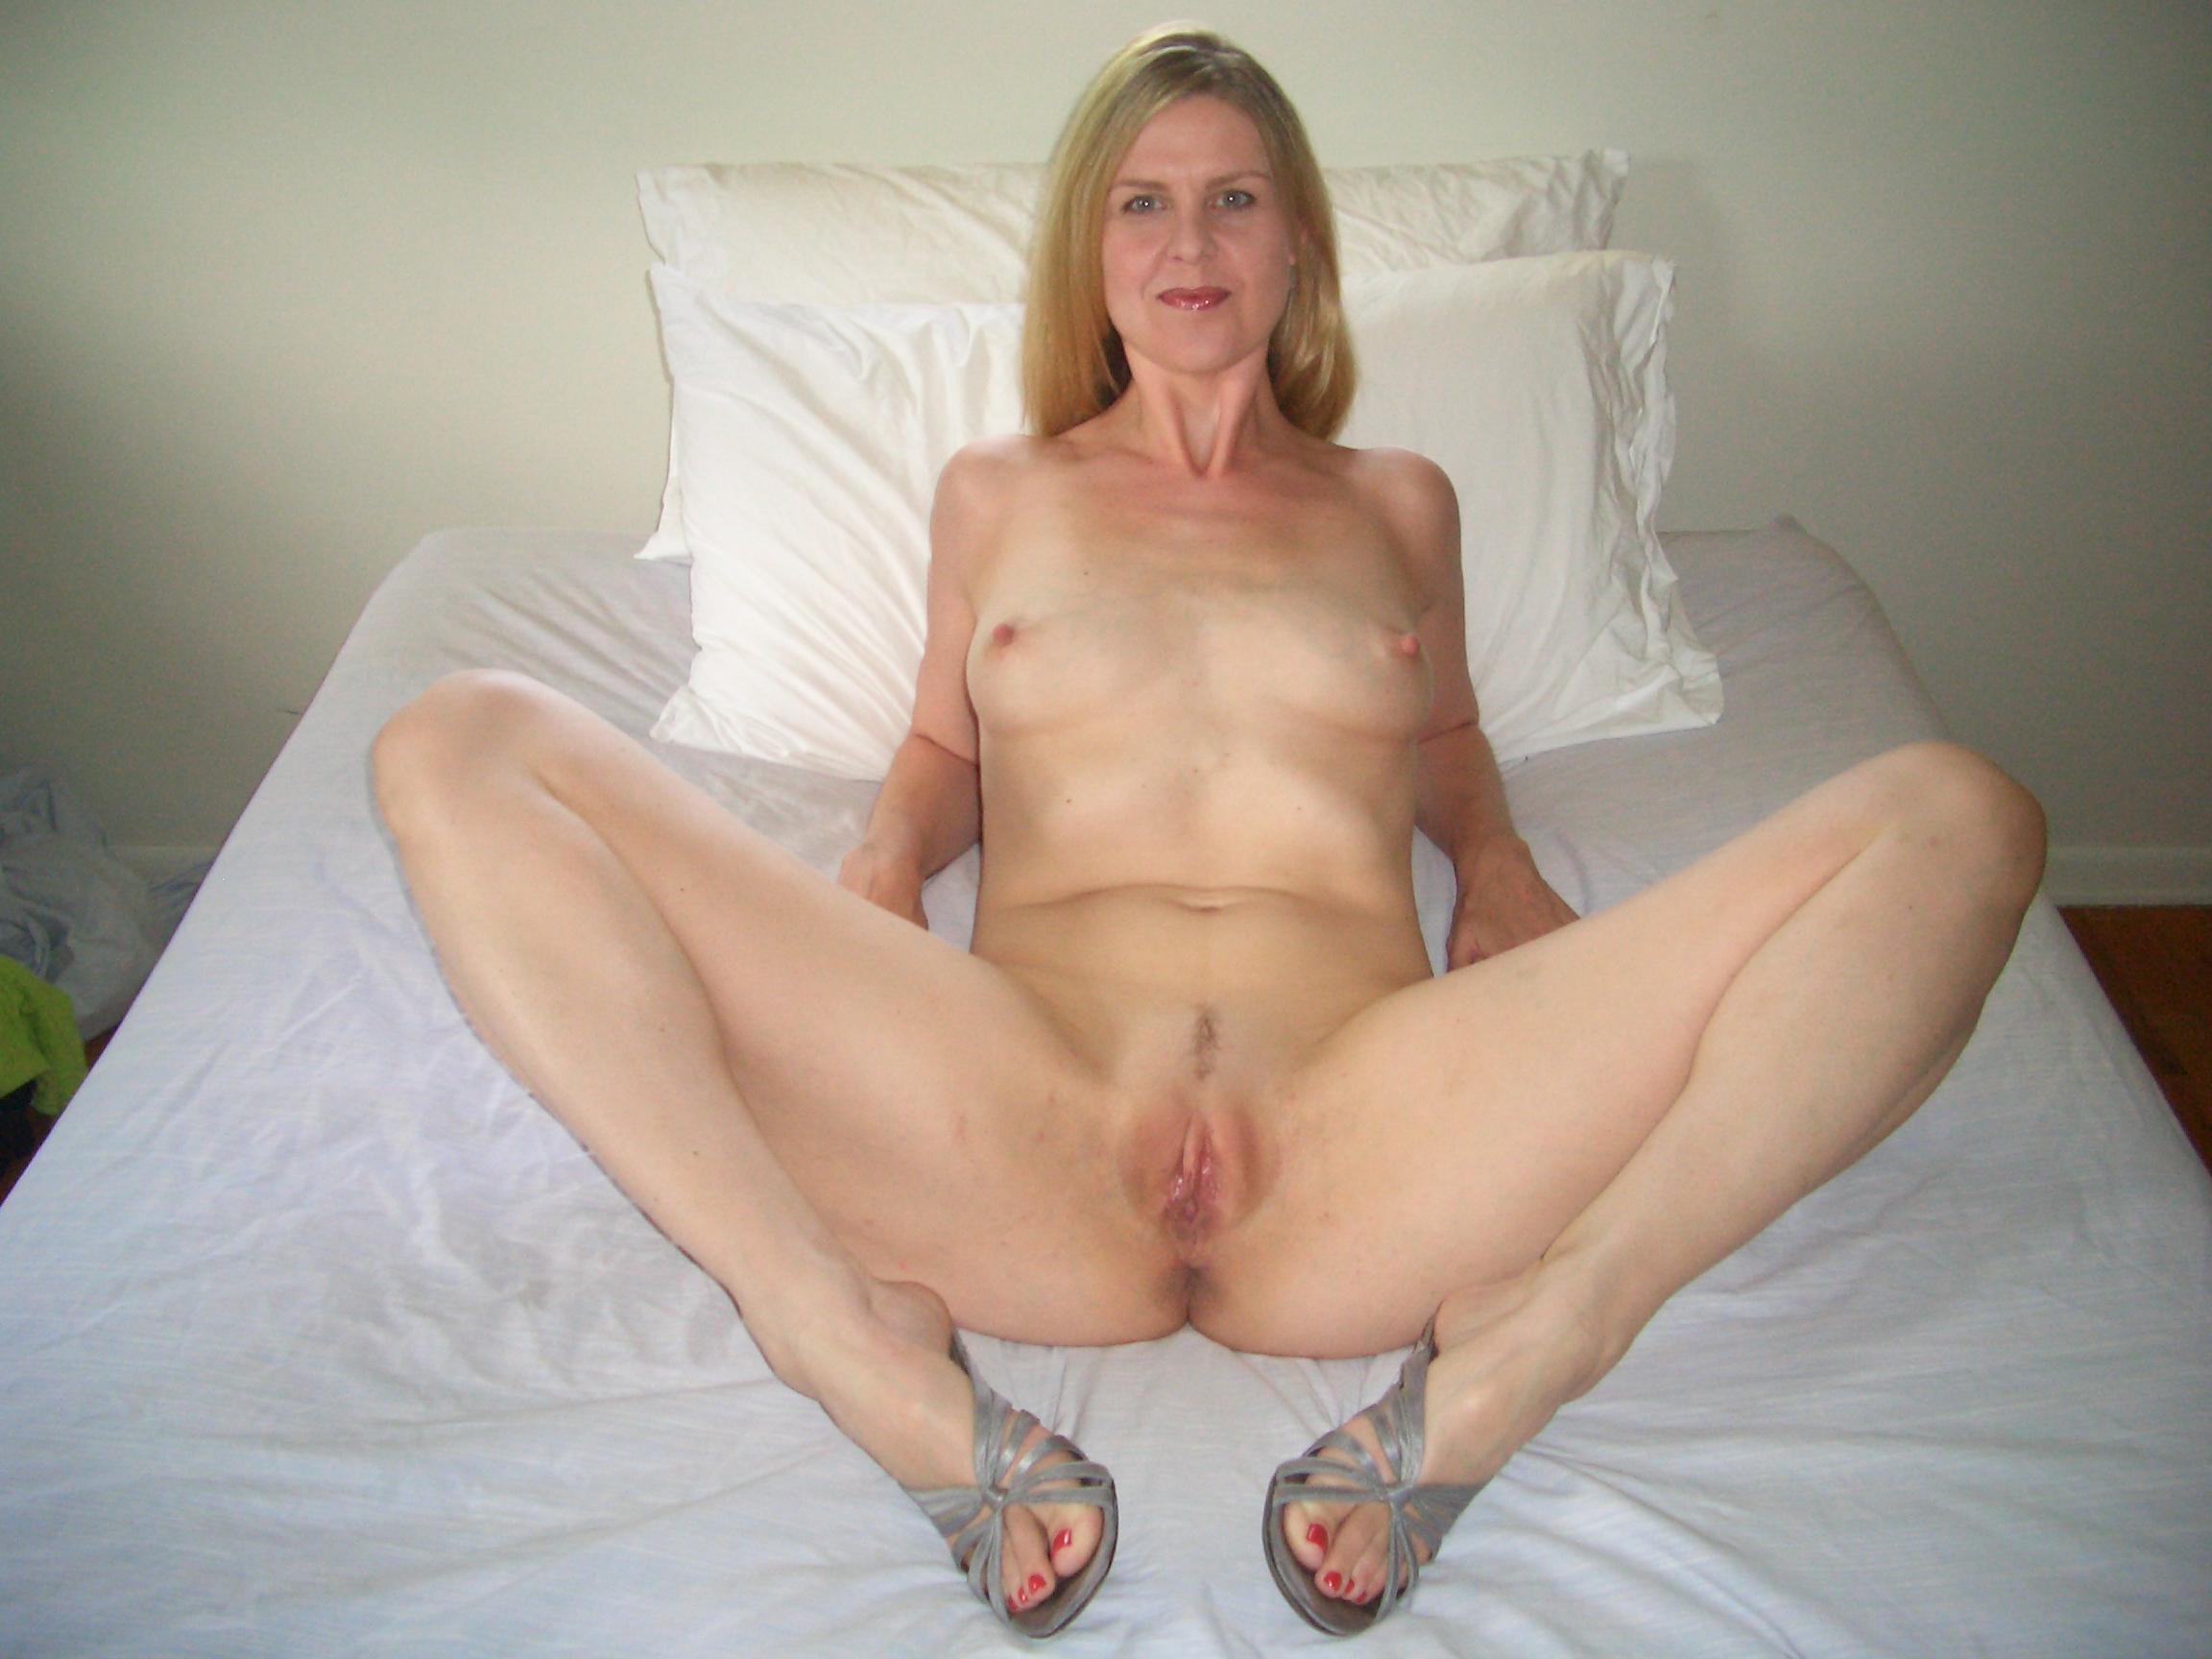 Amateur Mature Porn Photo amateur mature pussy porn-watch and download